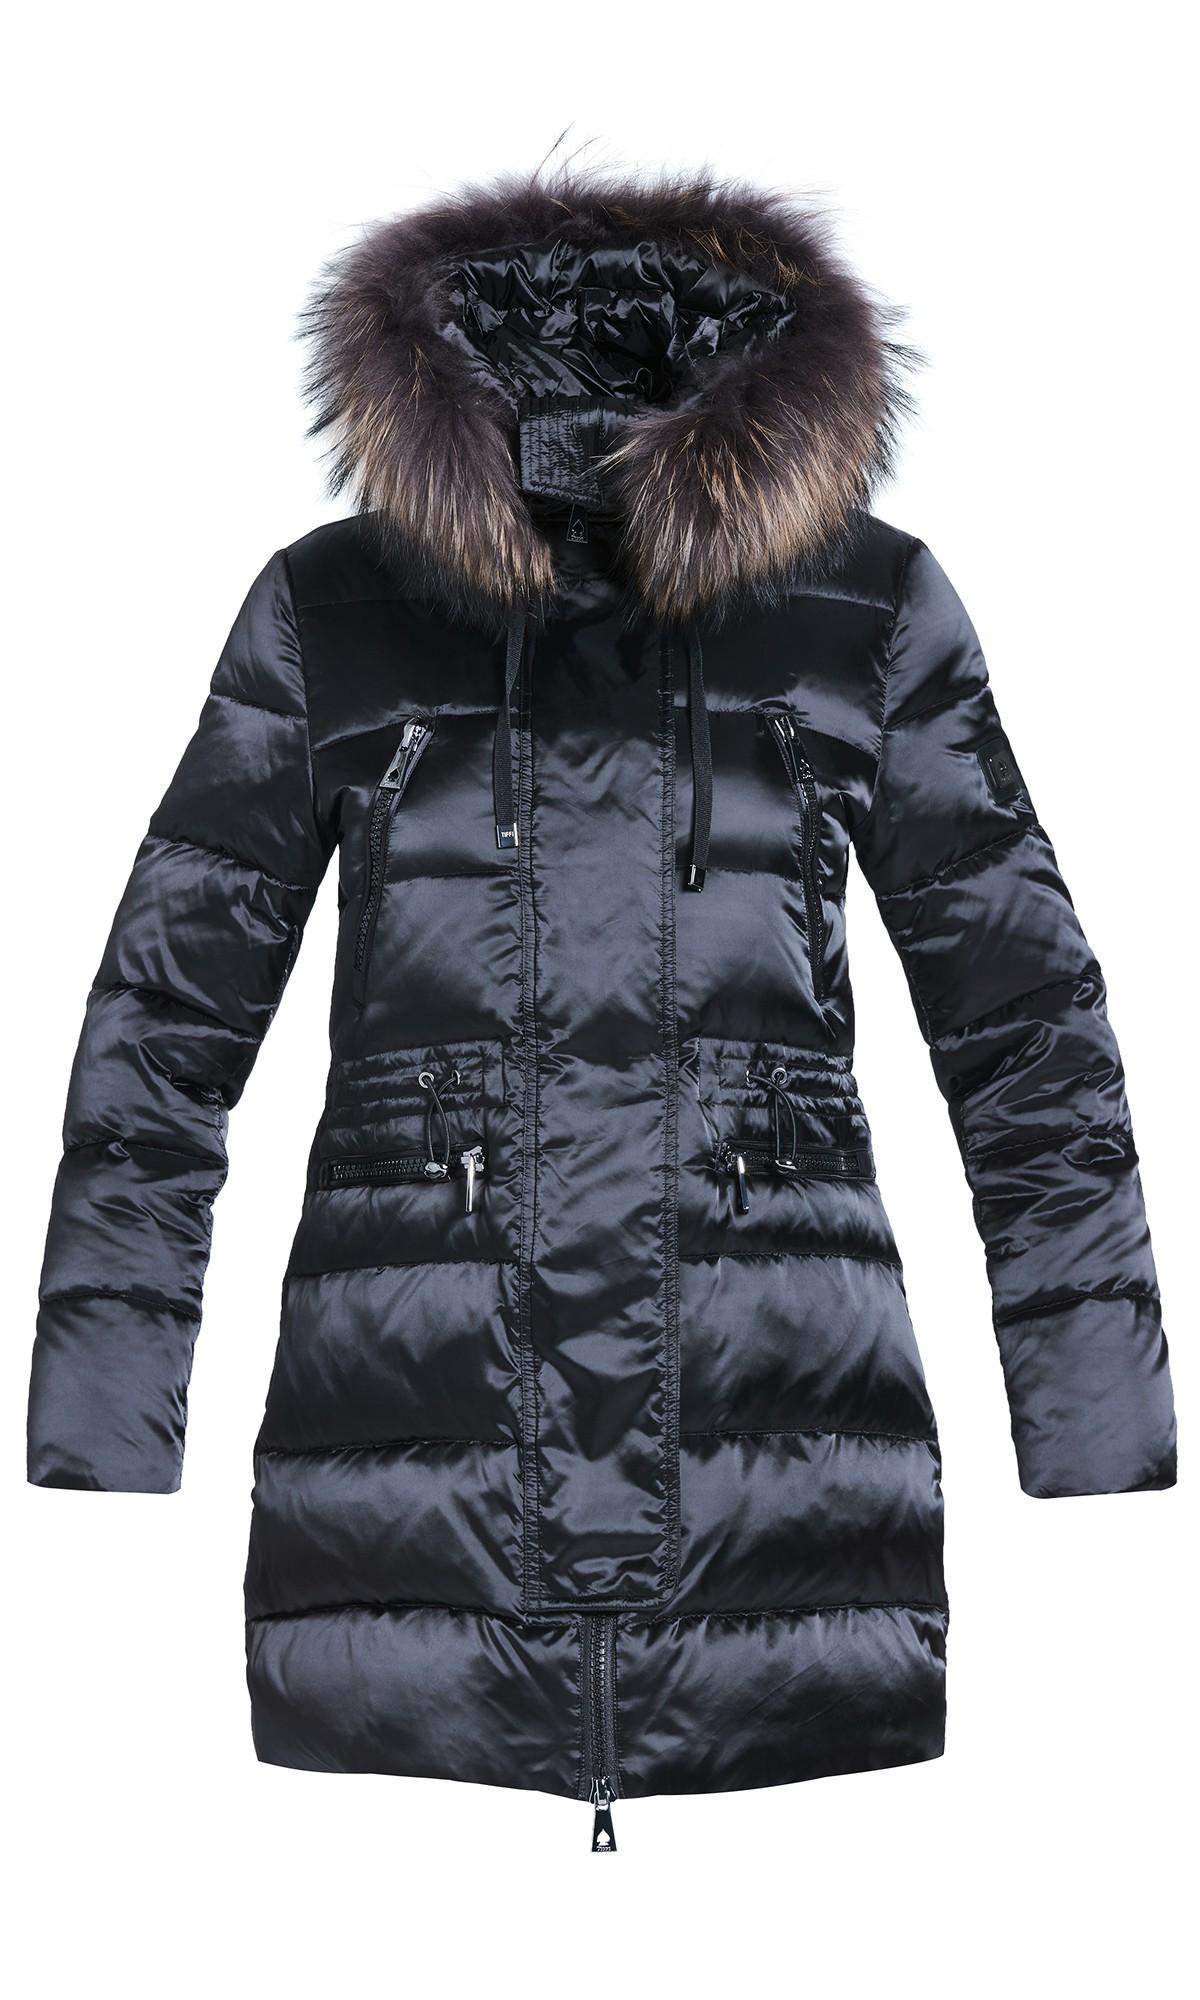 Kurtka zimowa Tiffi, puchowa z kapturem w kolorze czarnym